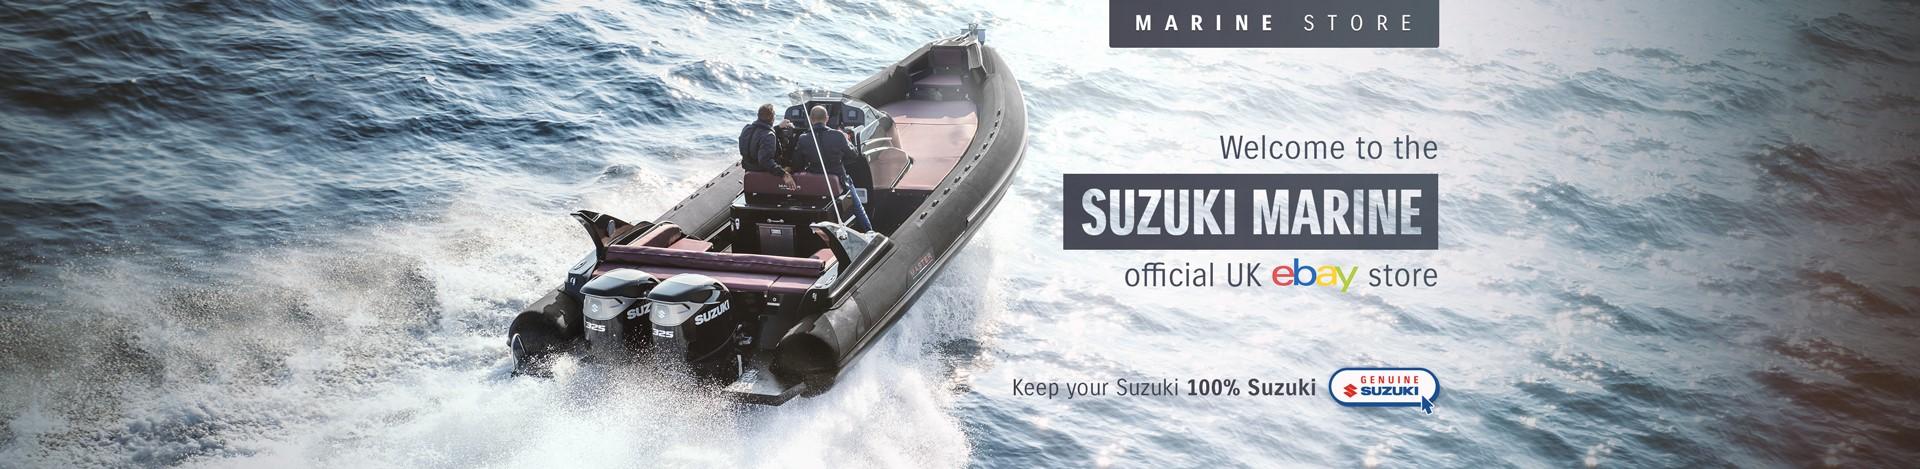 suzuki marine uk official | eBay Shops